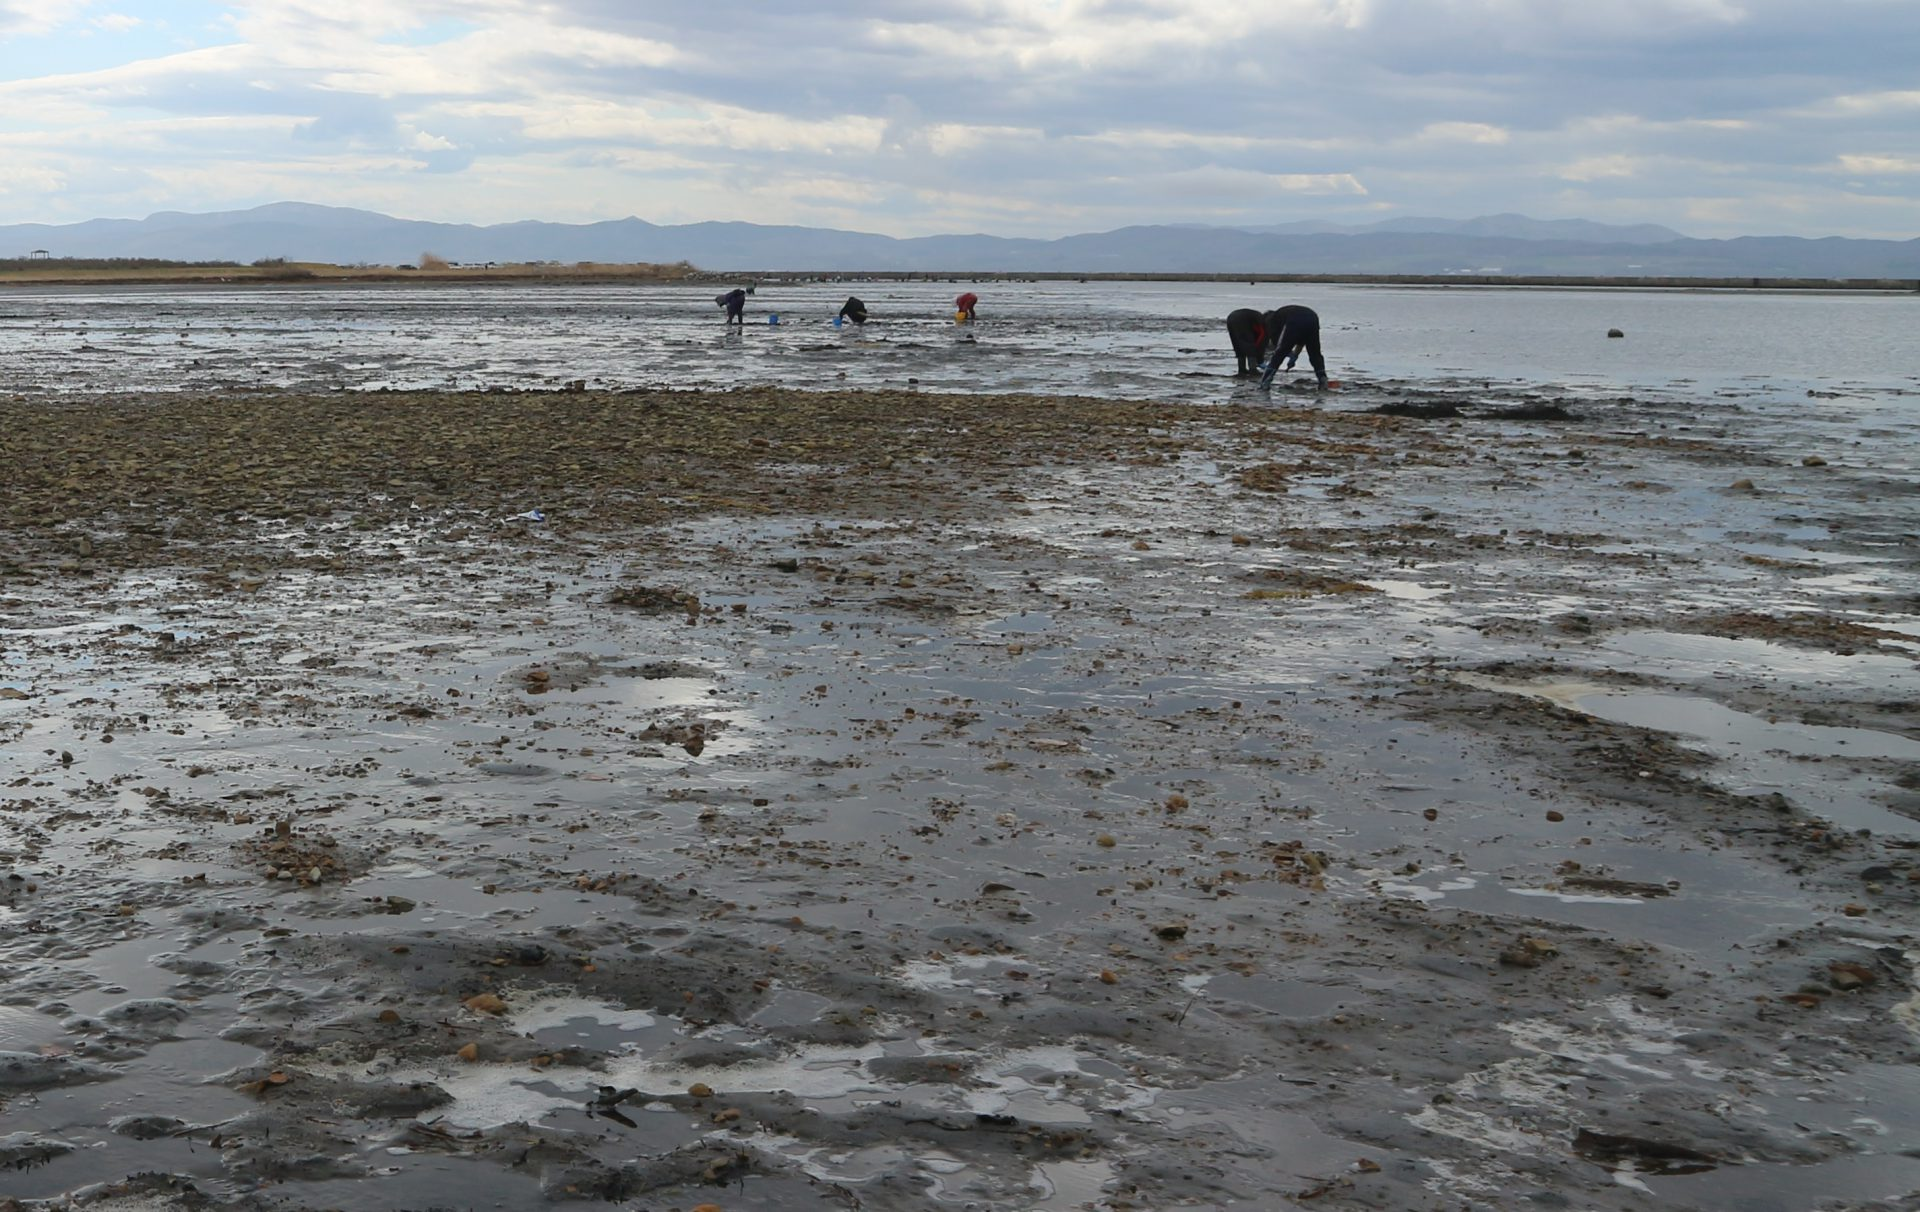 【2018年最新】網走市能取湖(のとろこ)潮干狩りの時期と駐車場、必要なもの